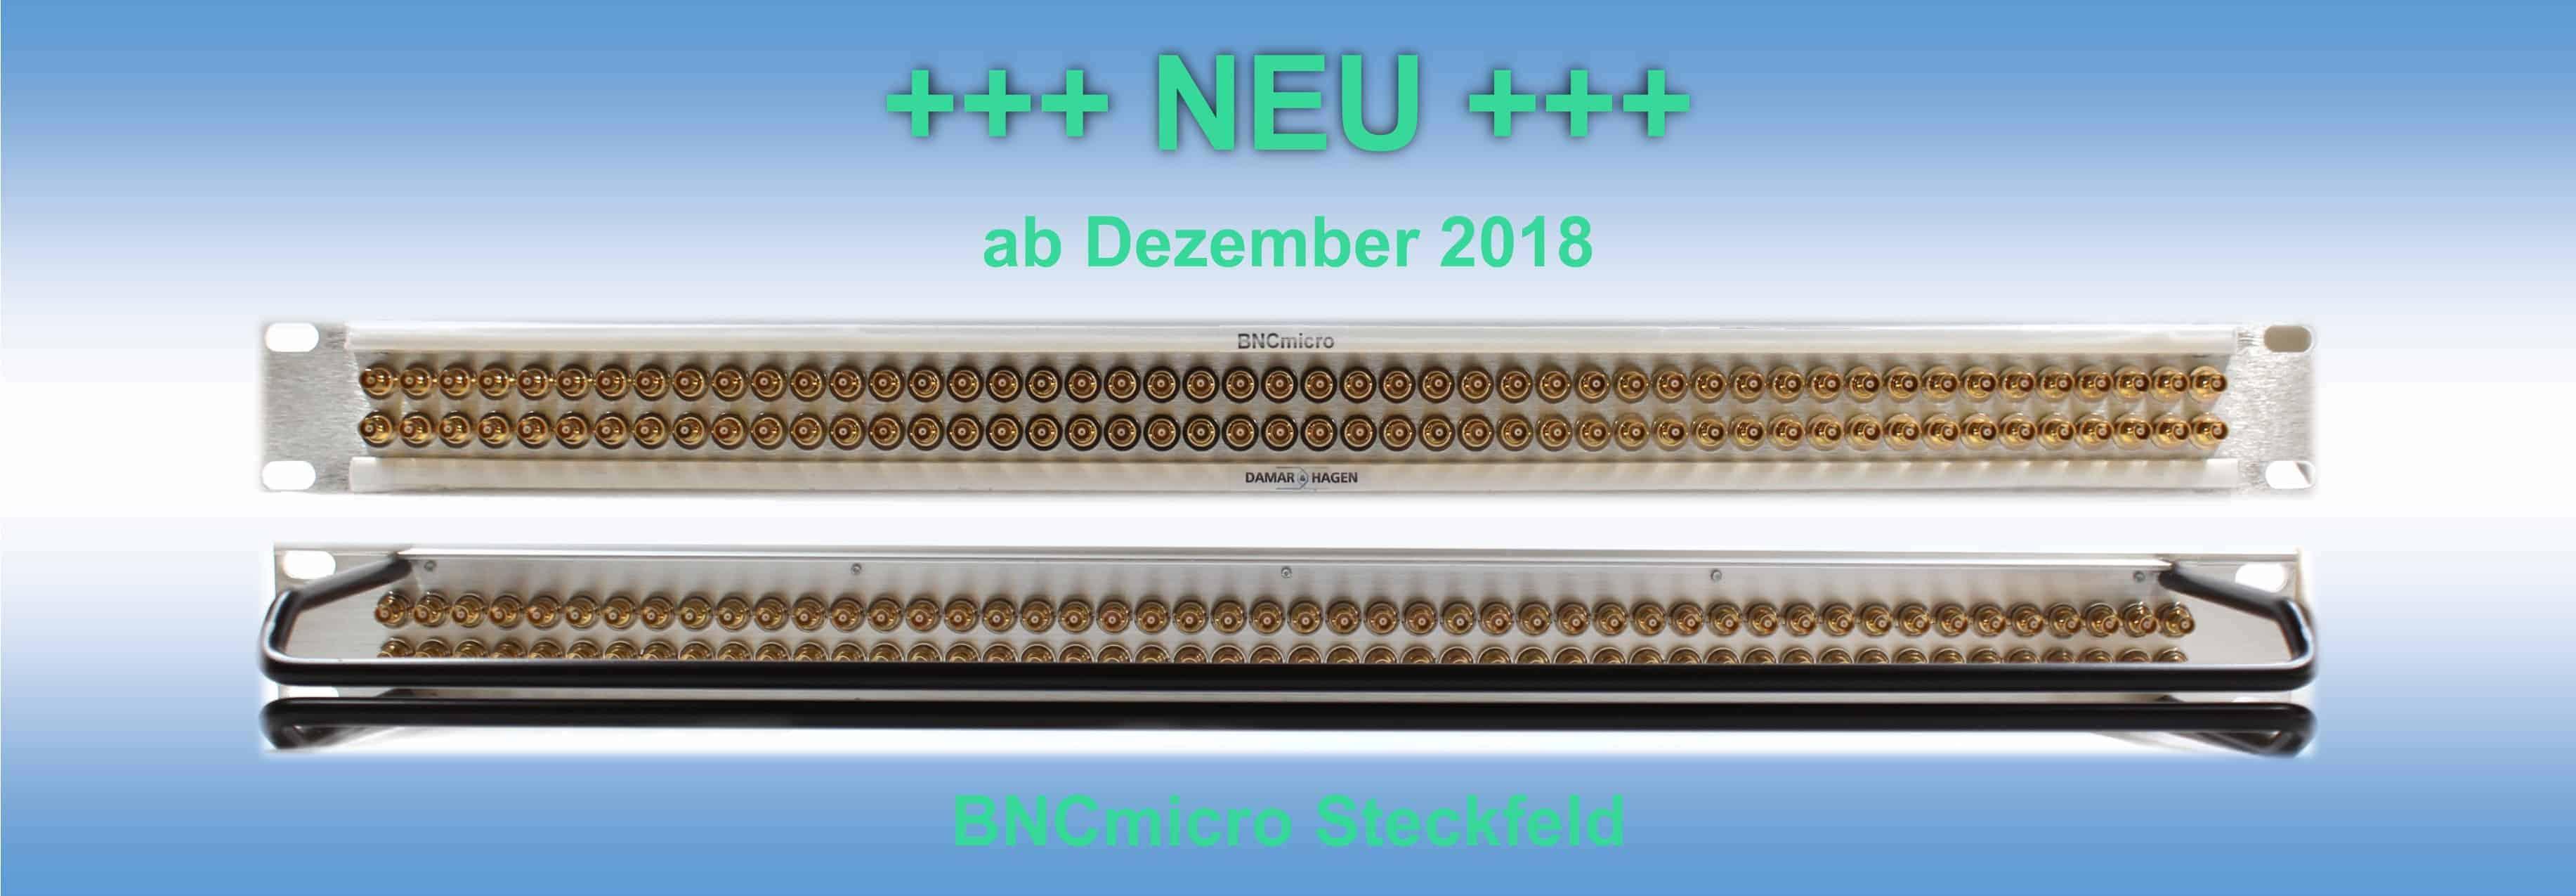 NEU-ab-Dezember-2018-Slidebild